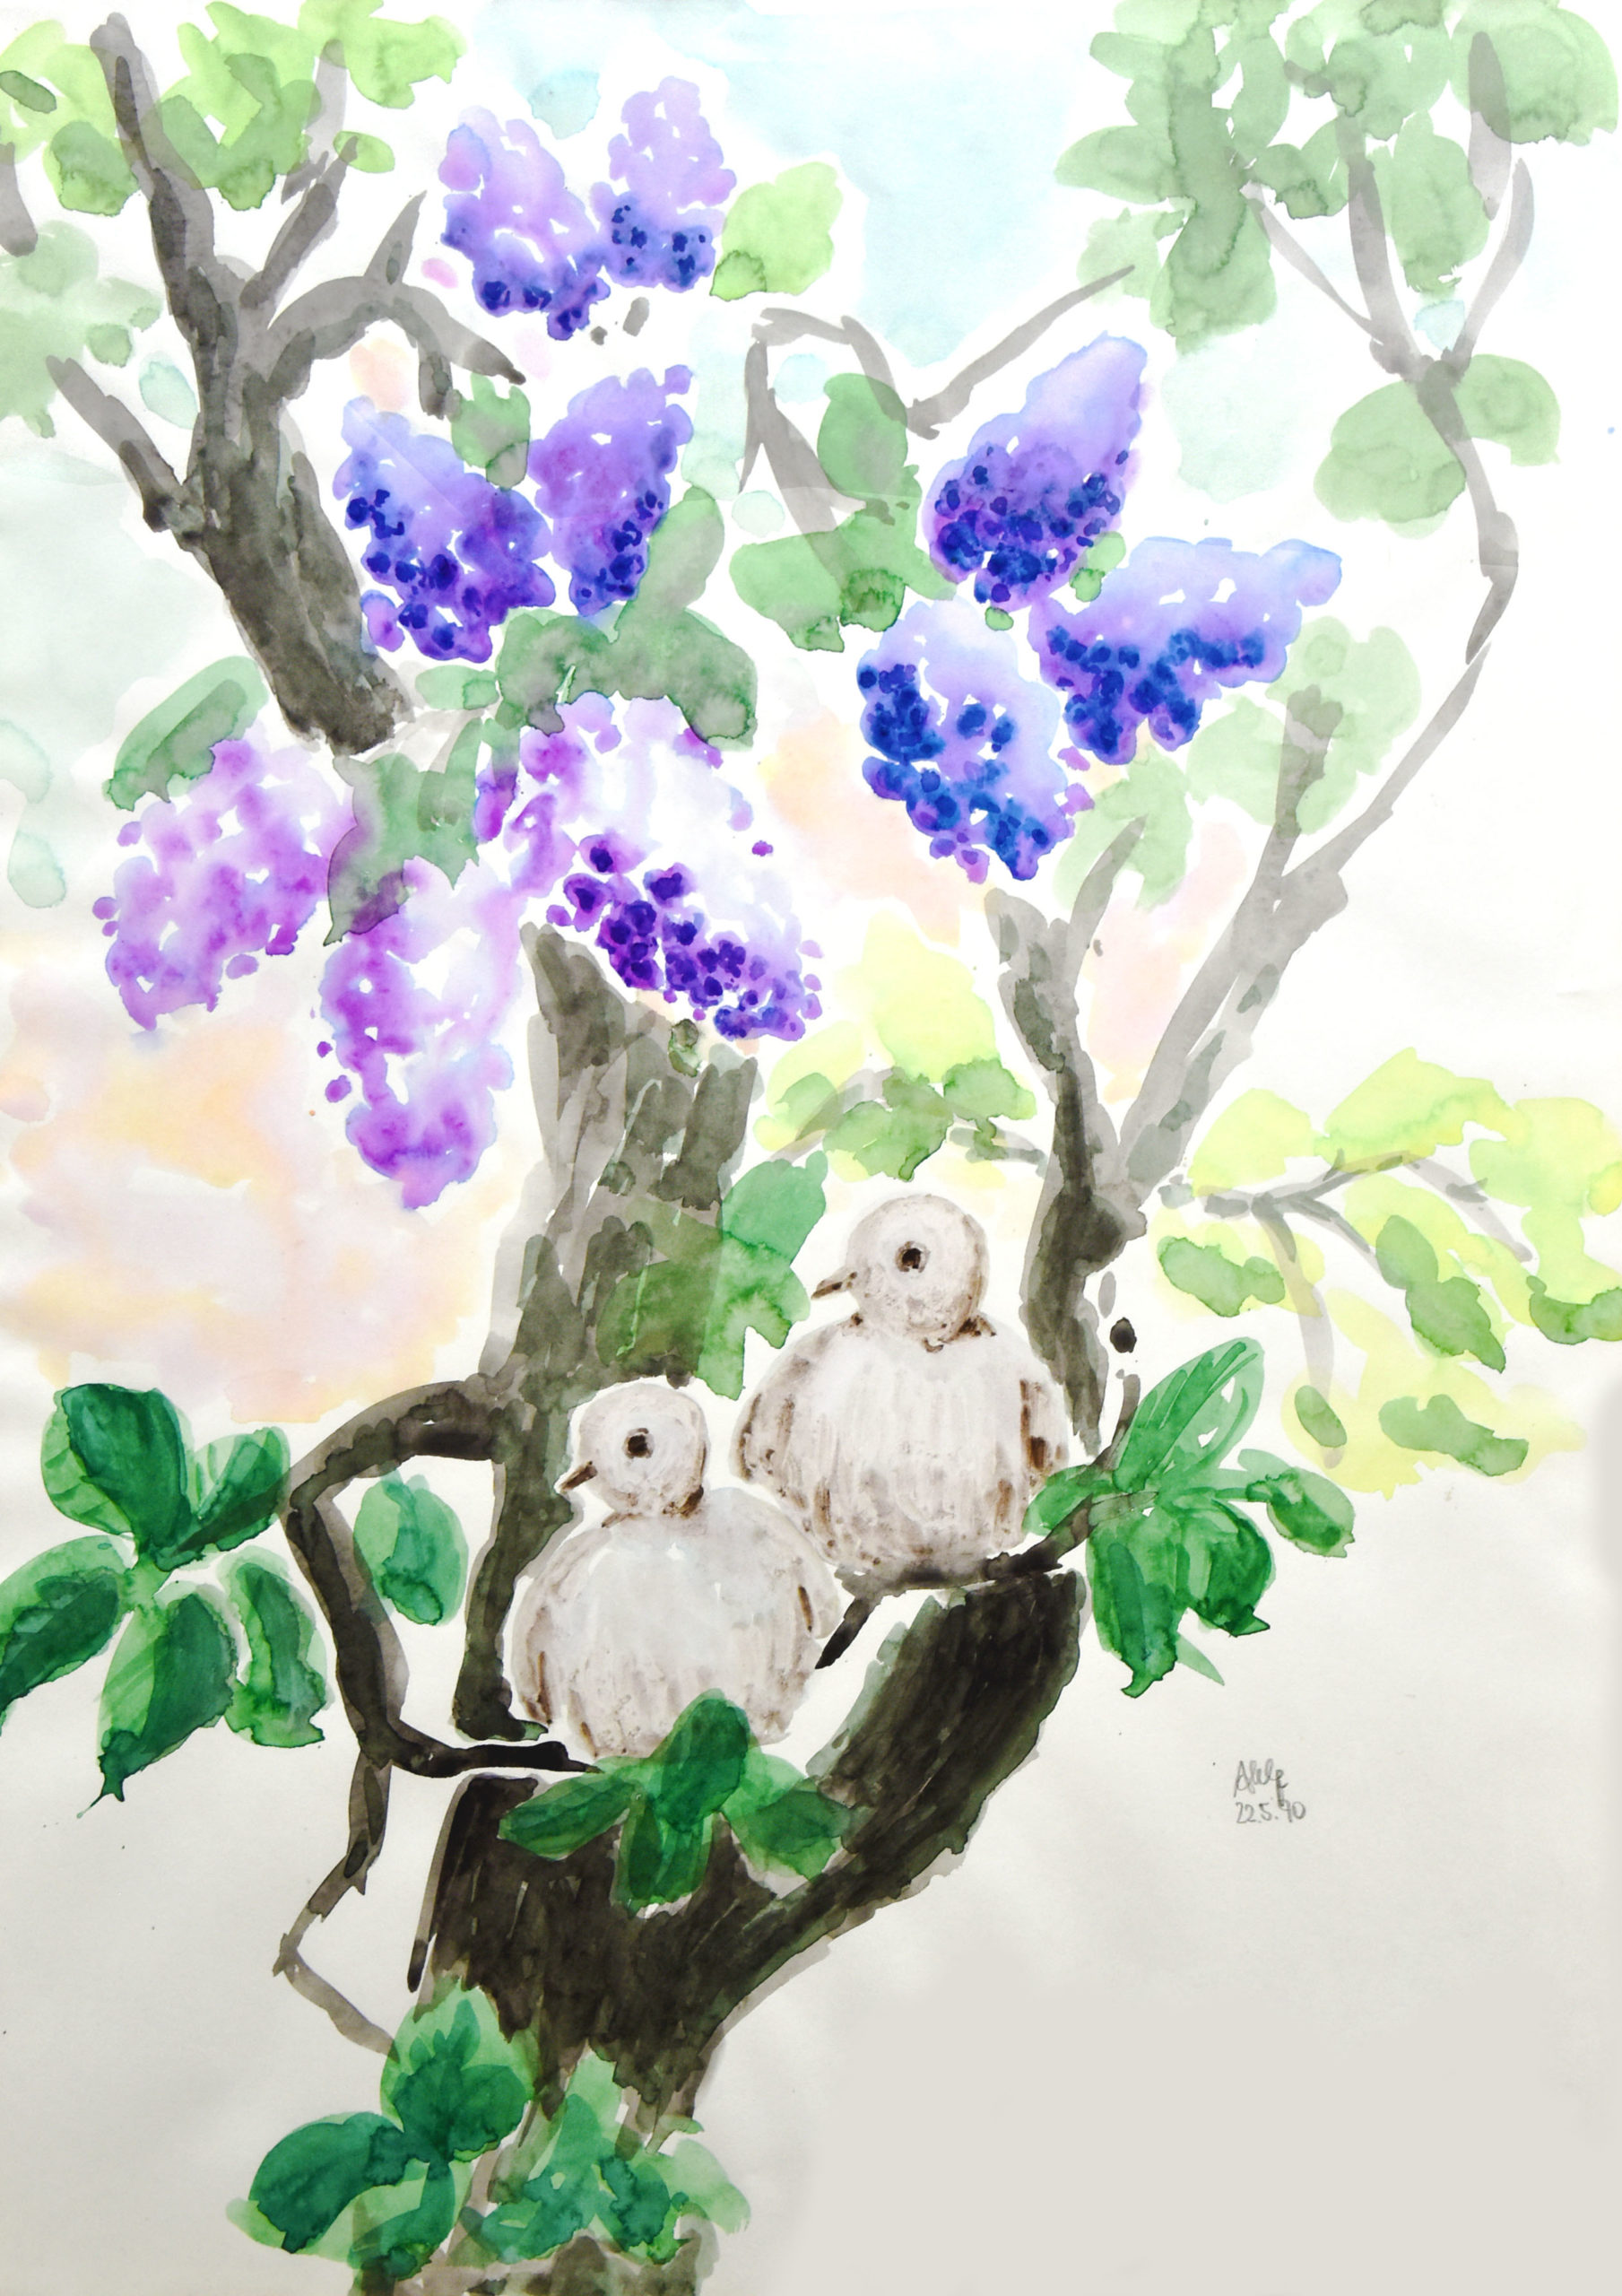 Blühender Fliederbaum in dem zwei Vögel sitzen.